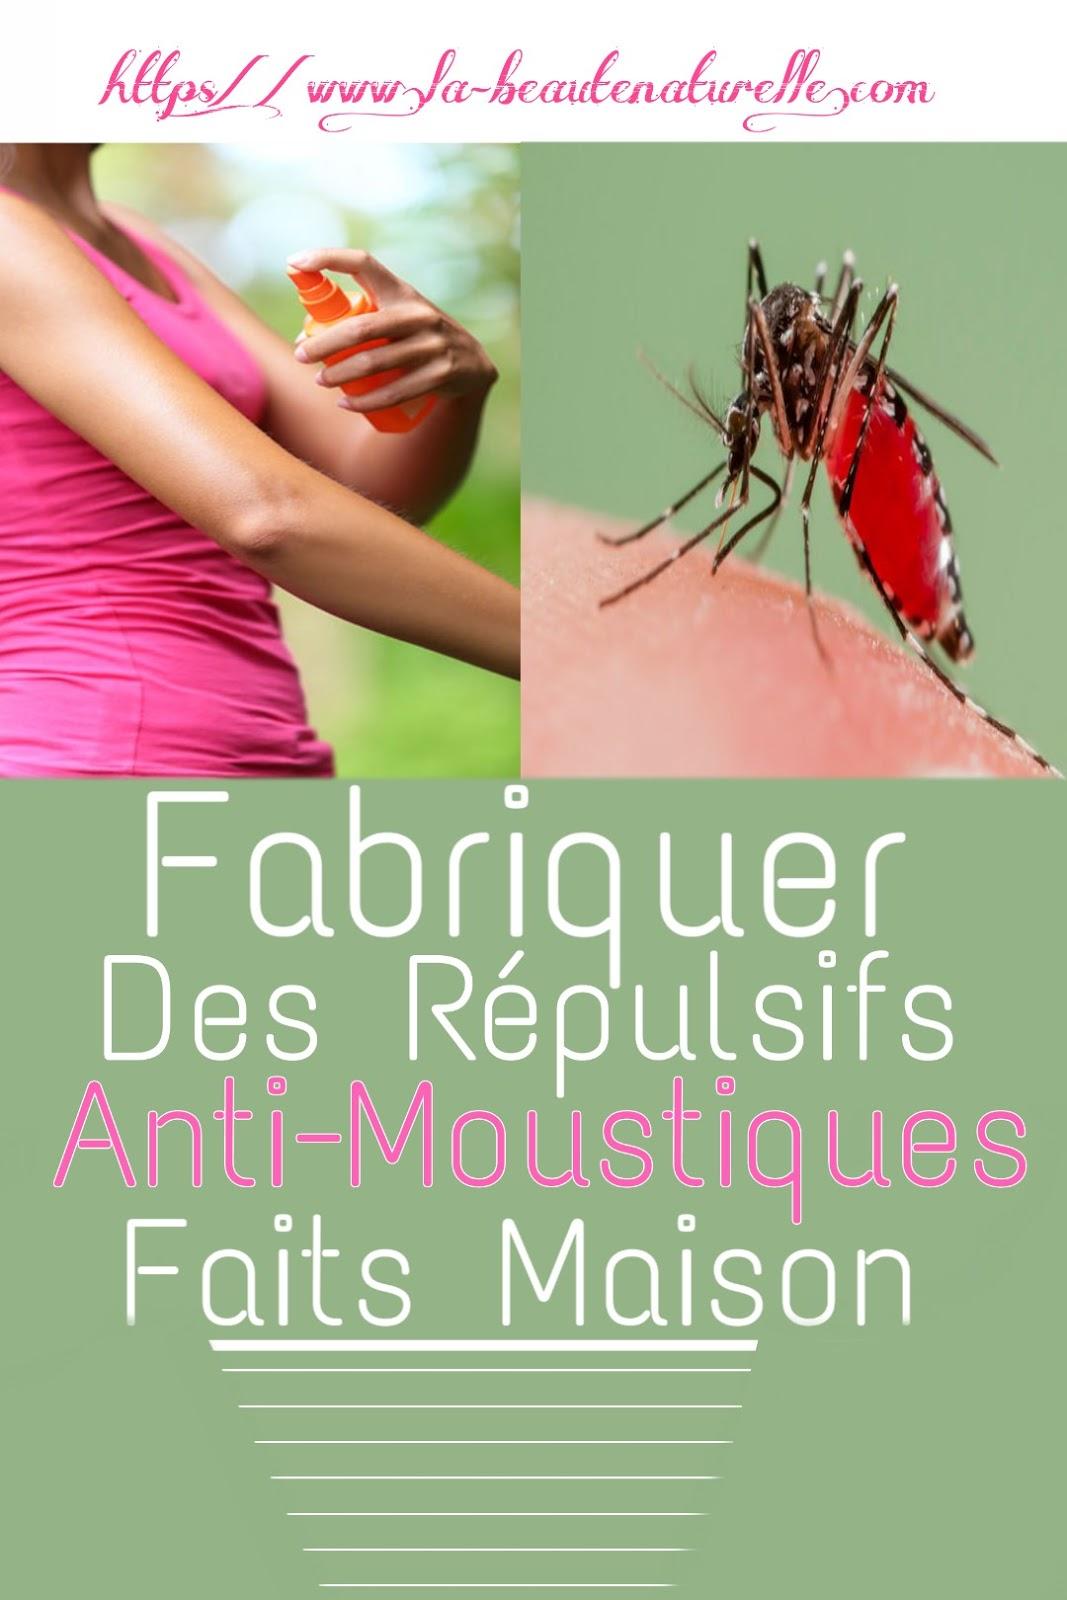 Fabriquer Des Répulsifs Anti-Moustiques Faits Maison